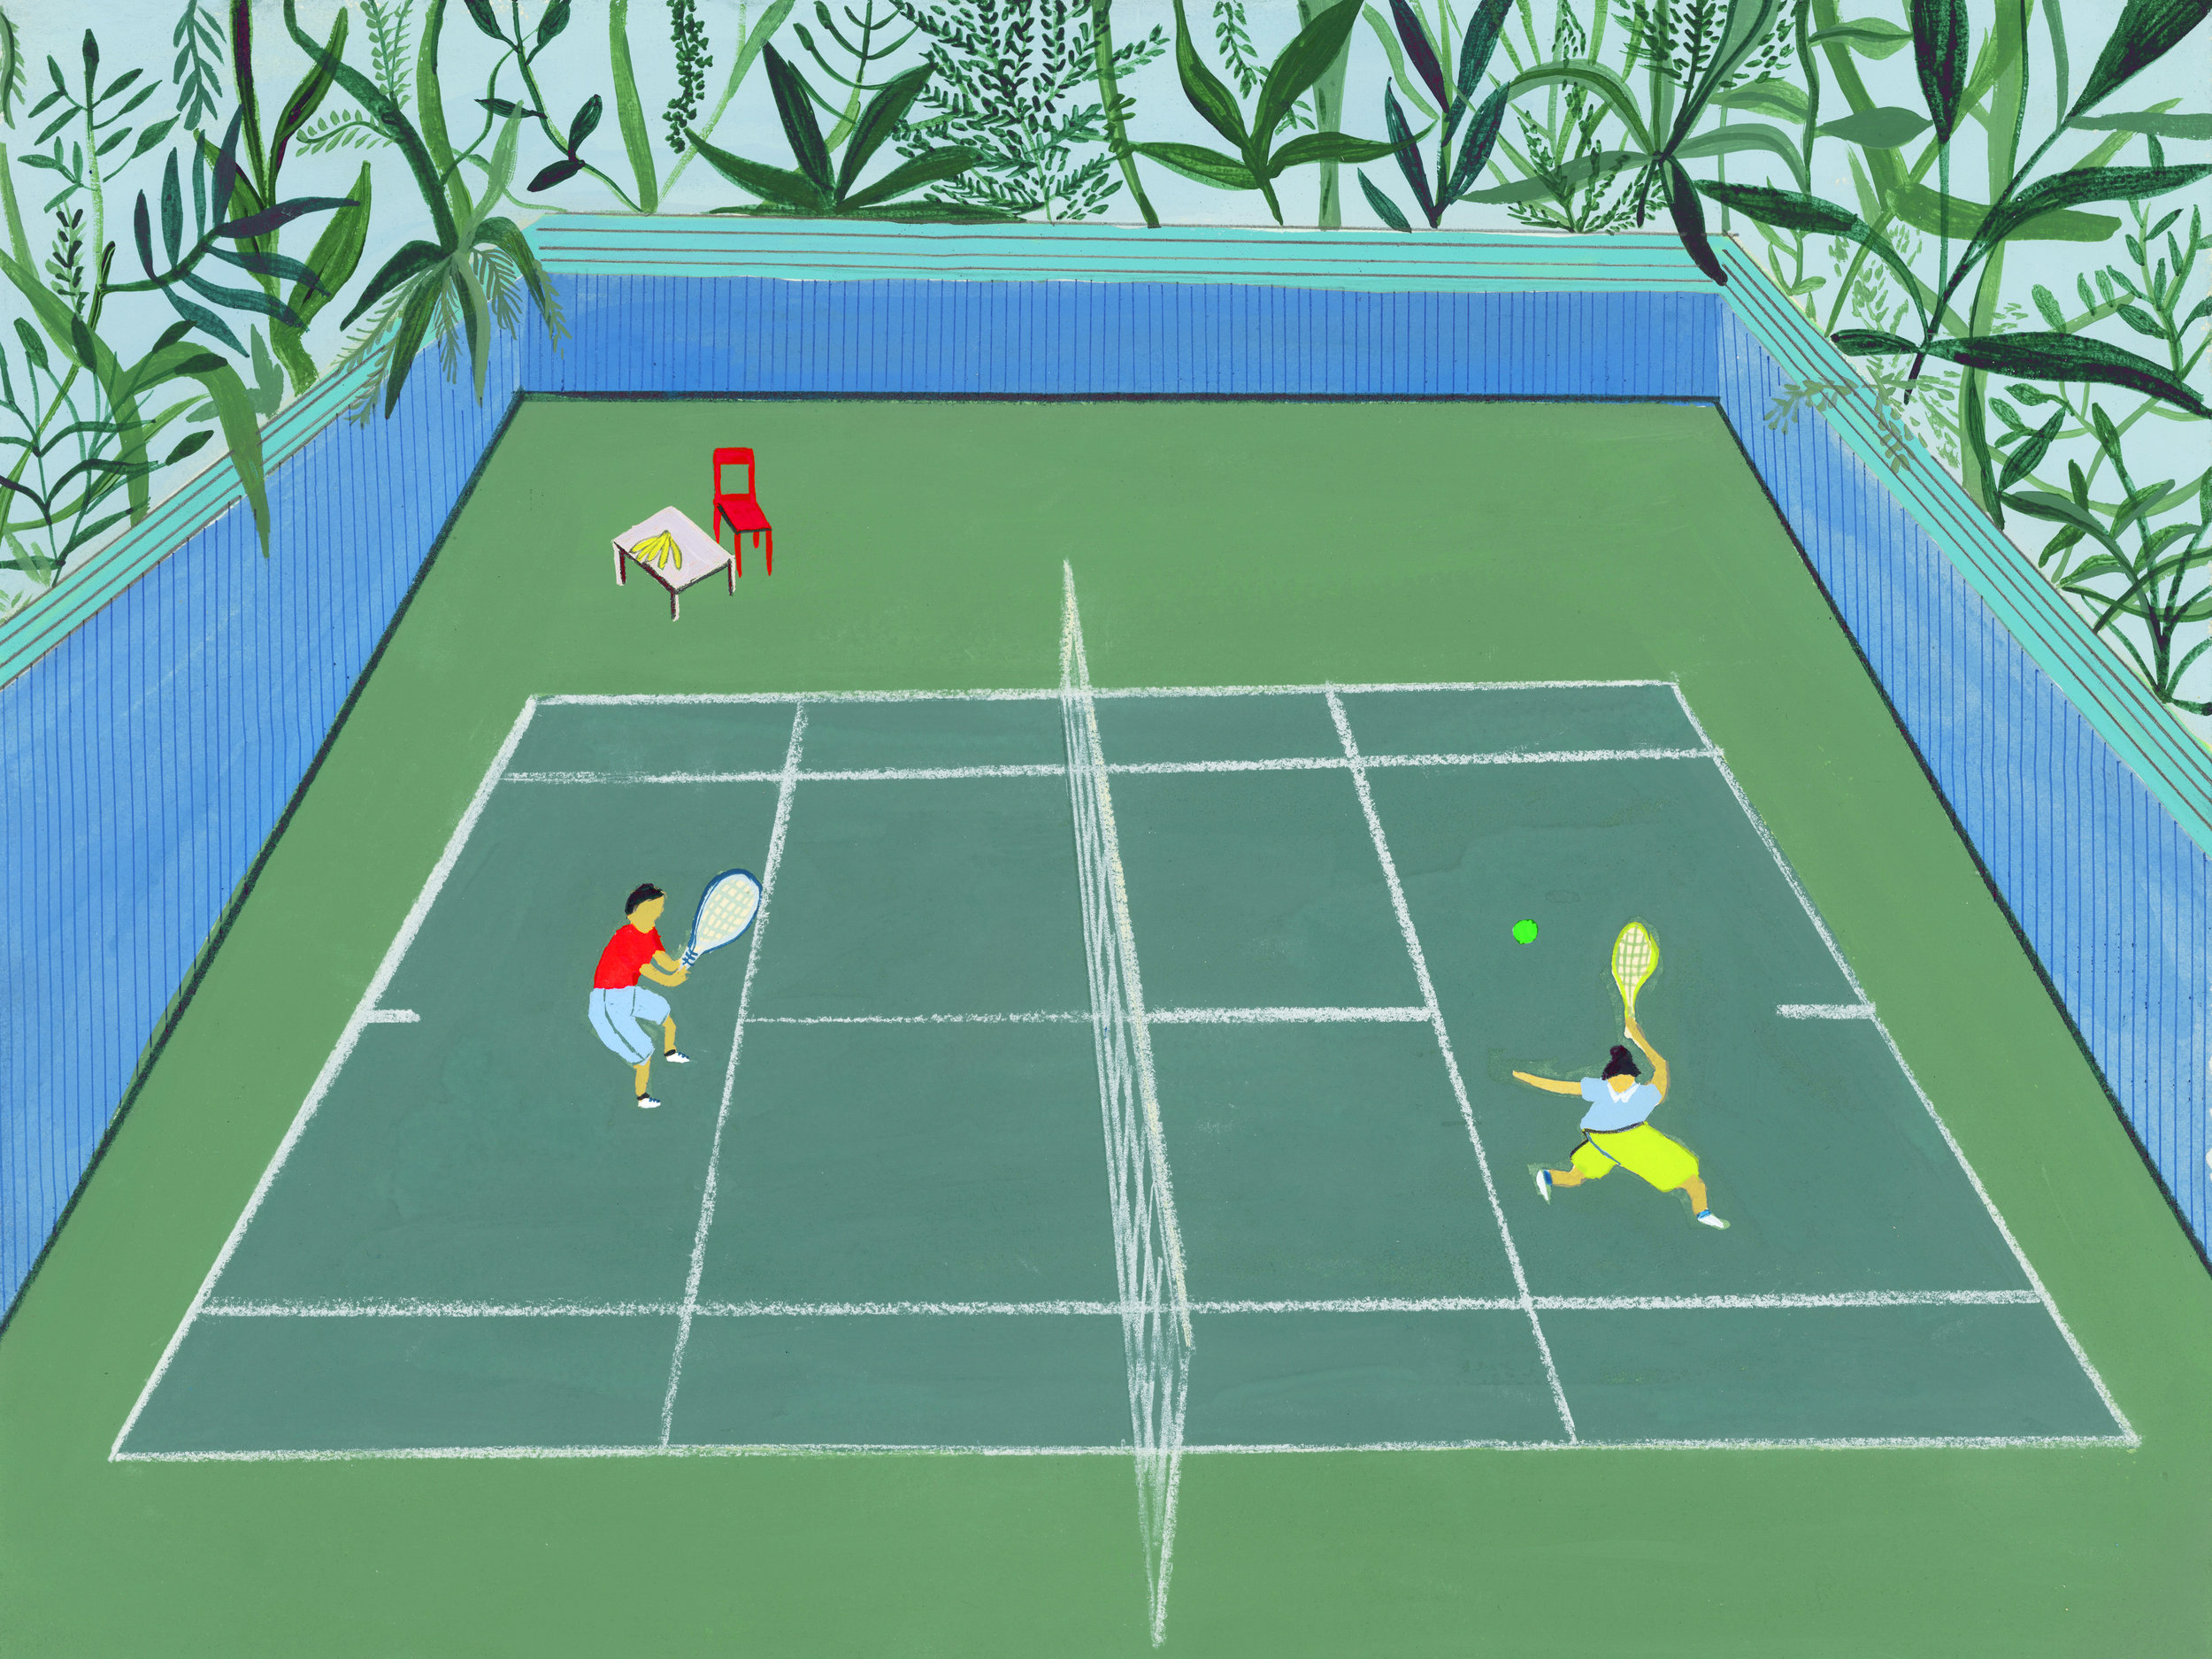 tenis_12x16in.jpg